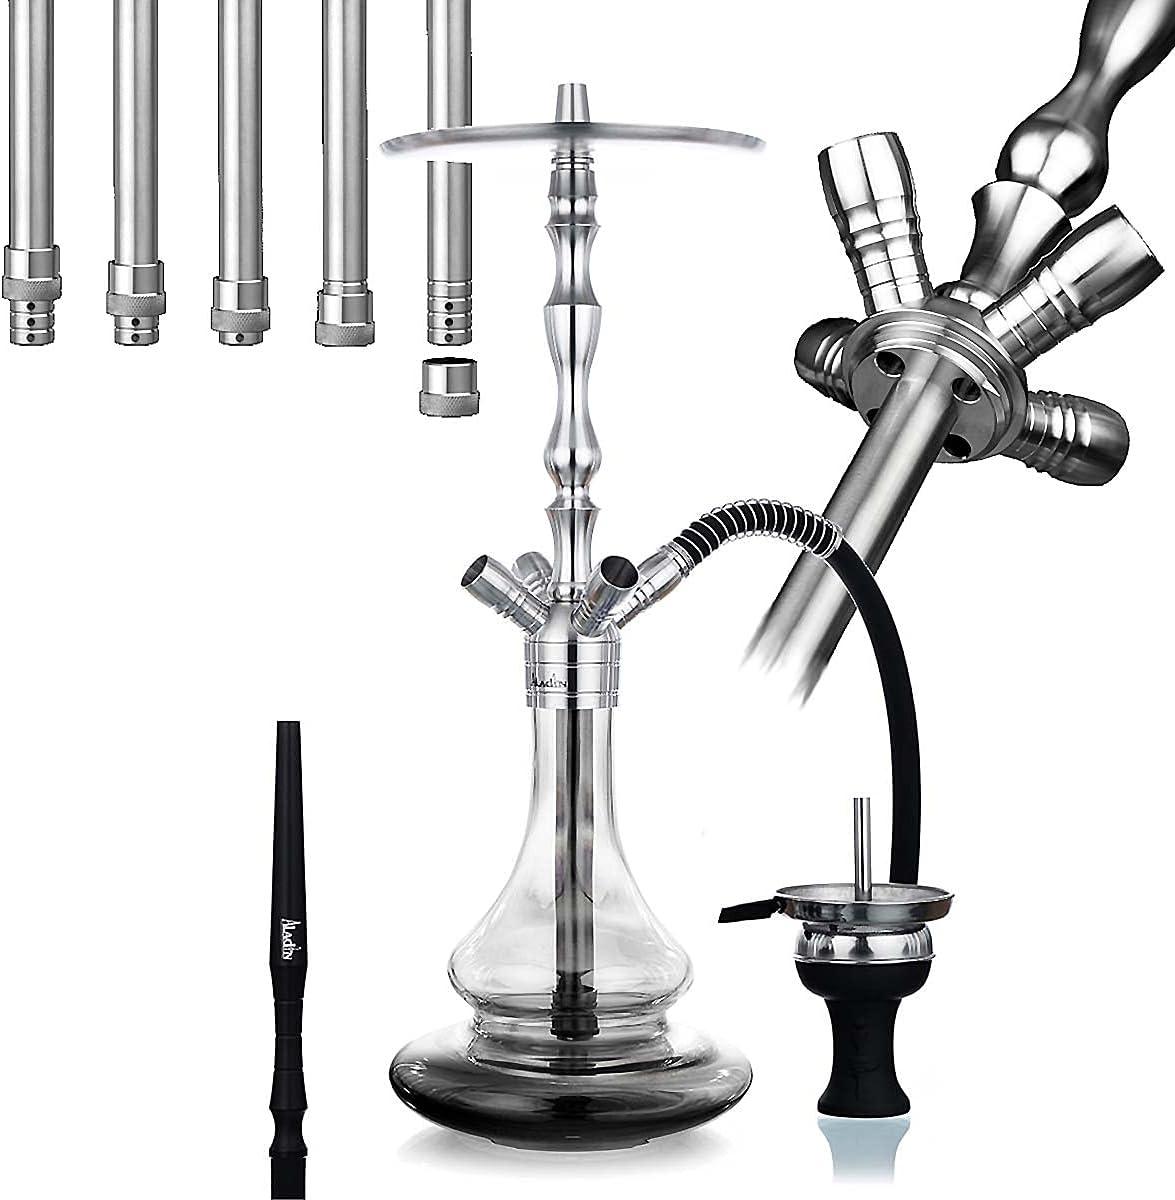 Aladin Shisha MVP 500 Black Fade, pipa de agua con 4 conectores, columna de humo de acero inoxidable, difusor y manguera para chimenea